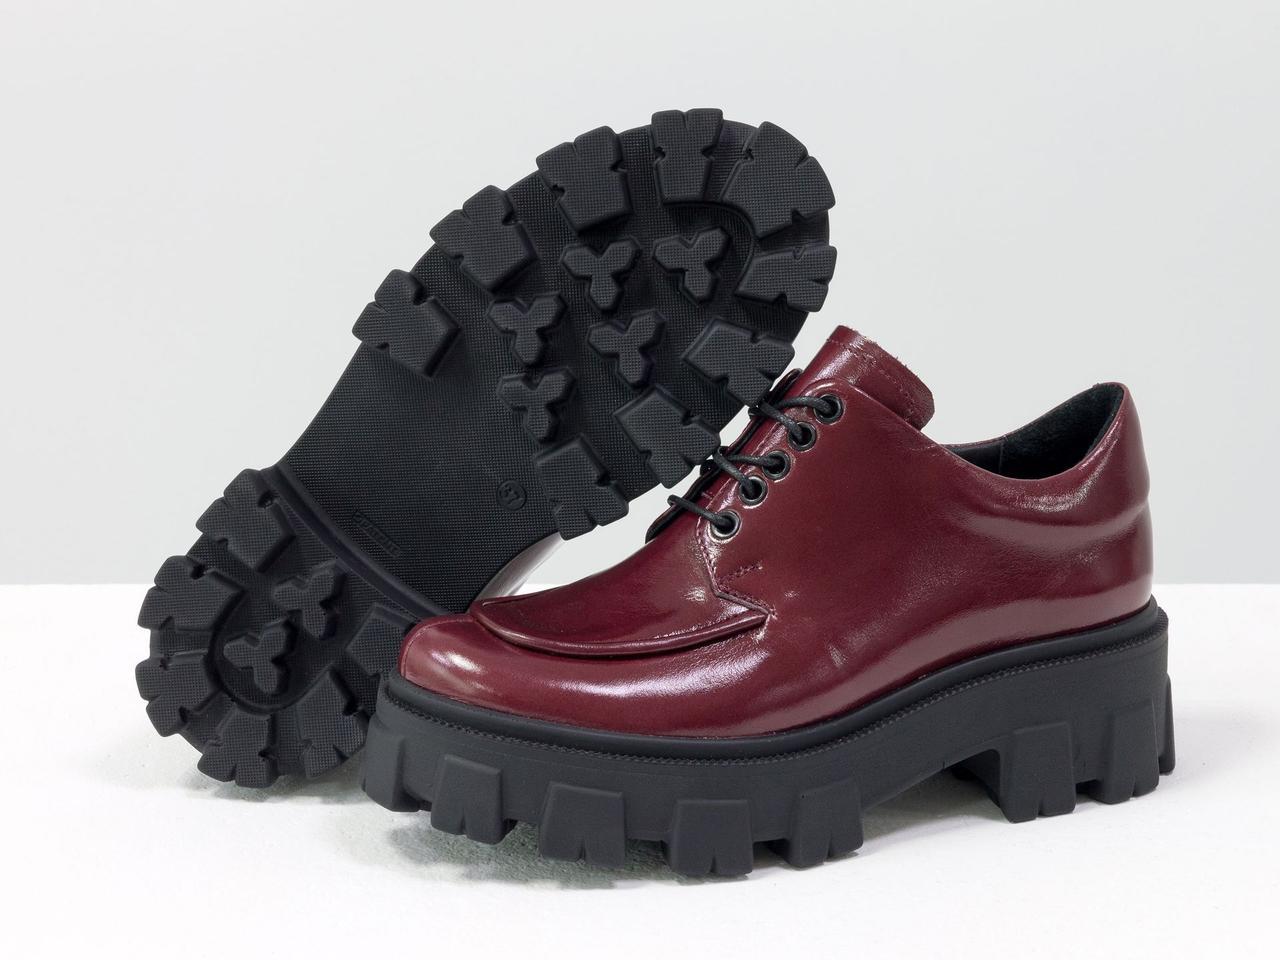 Женские туфли выполнены из натуральной лаковой кожи бордового цвета, на утолщенной тракторной подошве